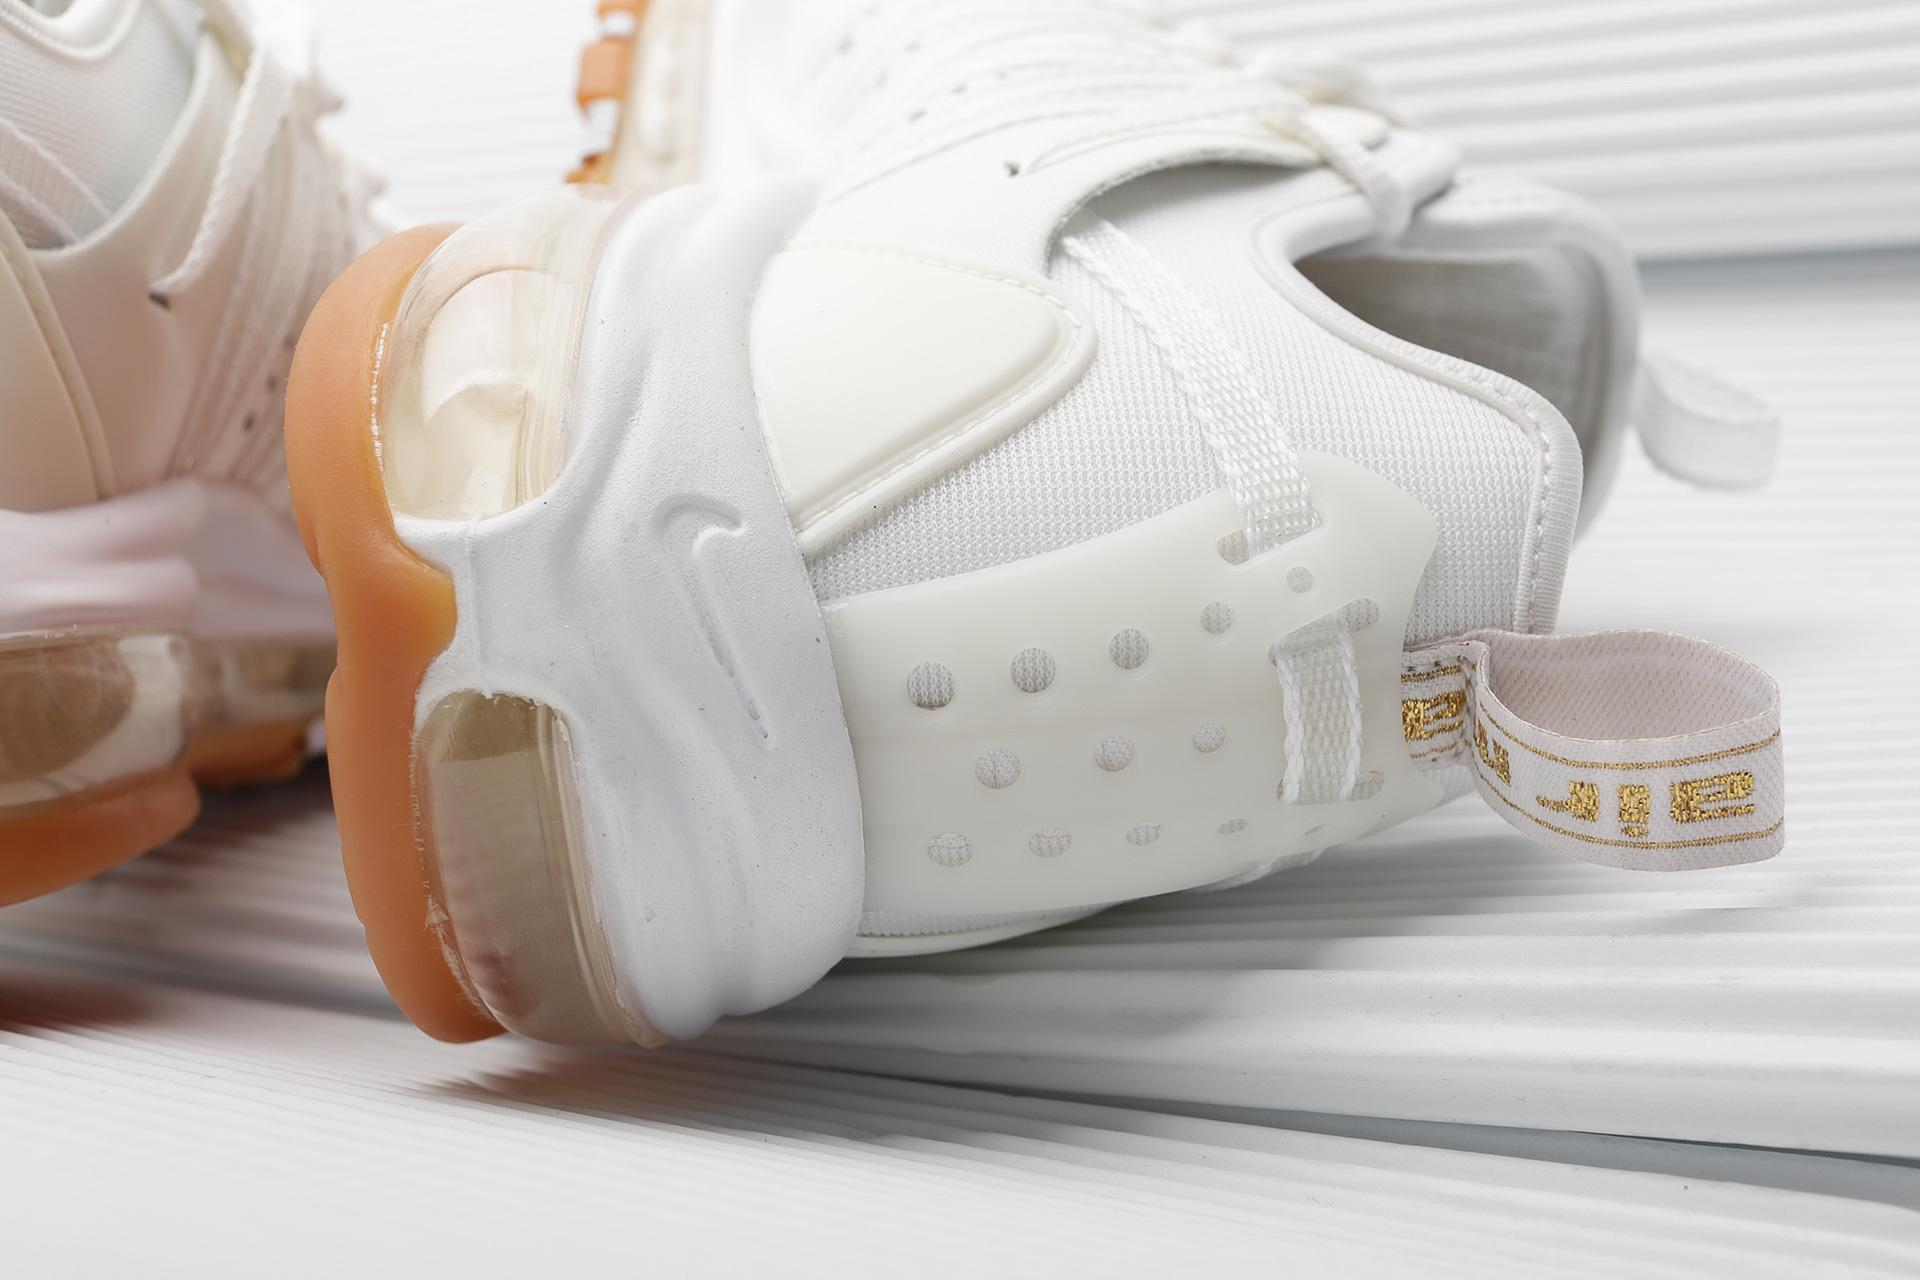 af2fb9c5 ... Купить мужские белые кроссовки Nike Air Max 97 / Haven / Clot - фото 4  картинки ...